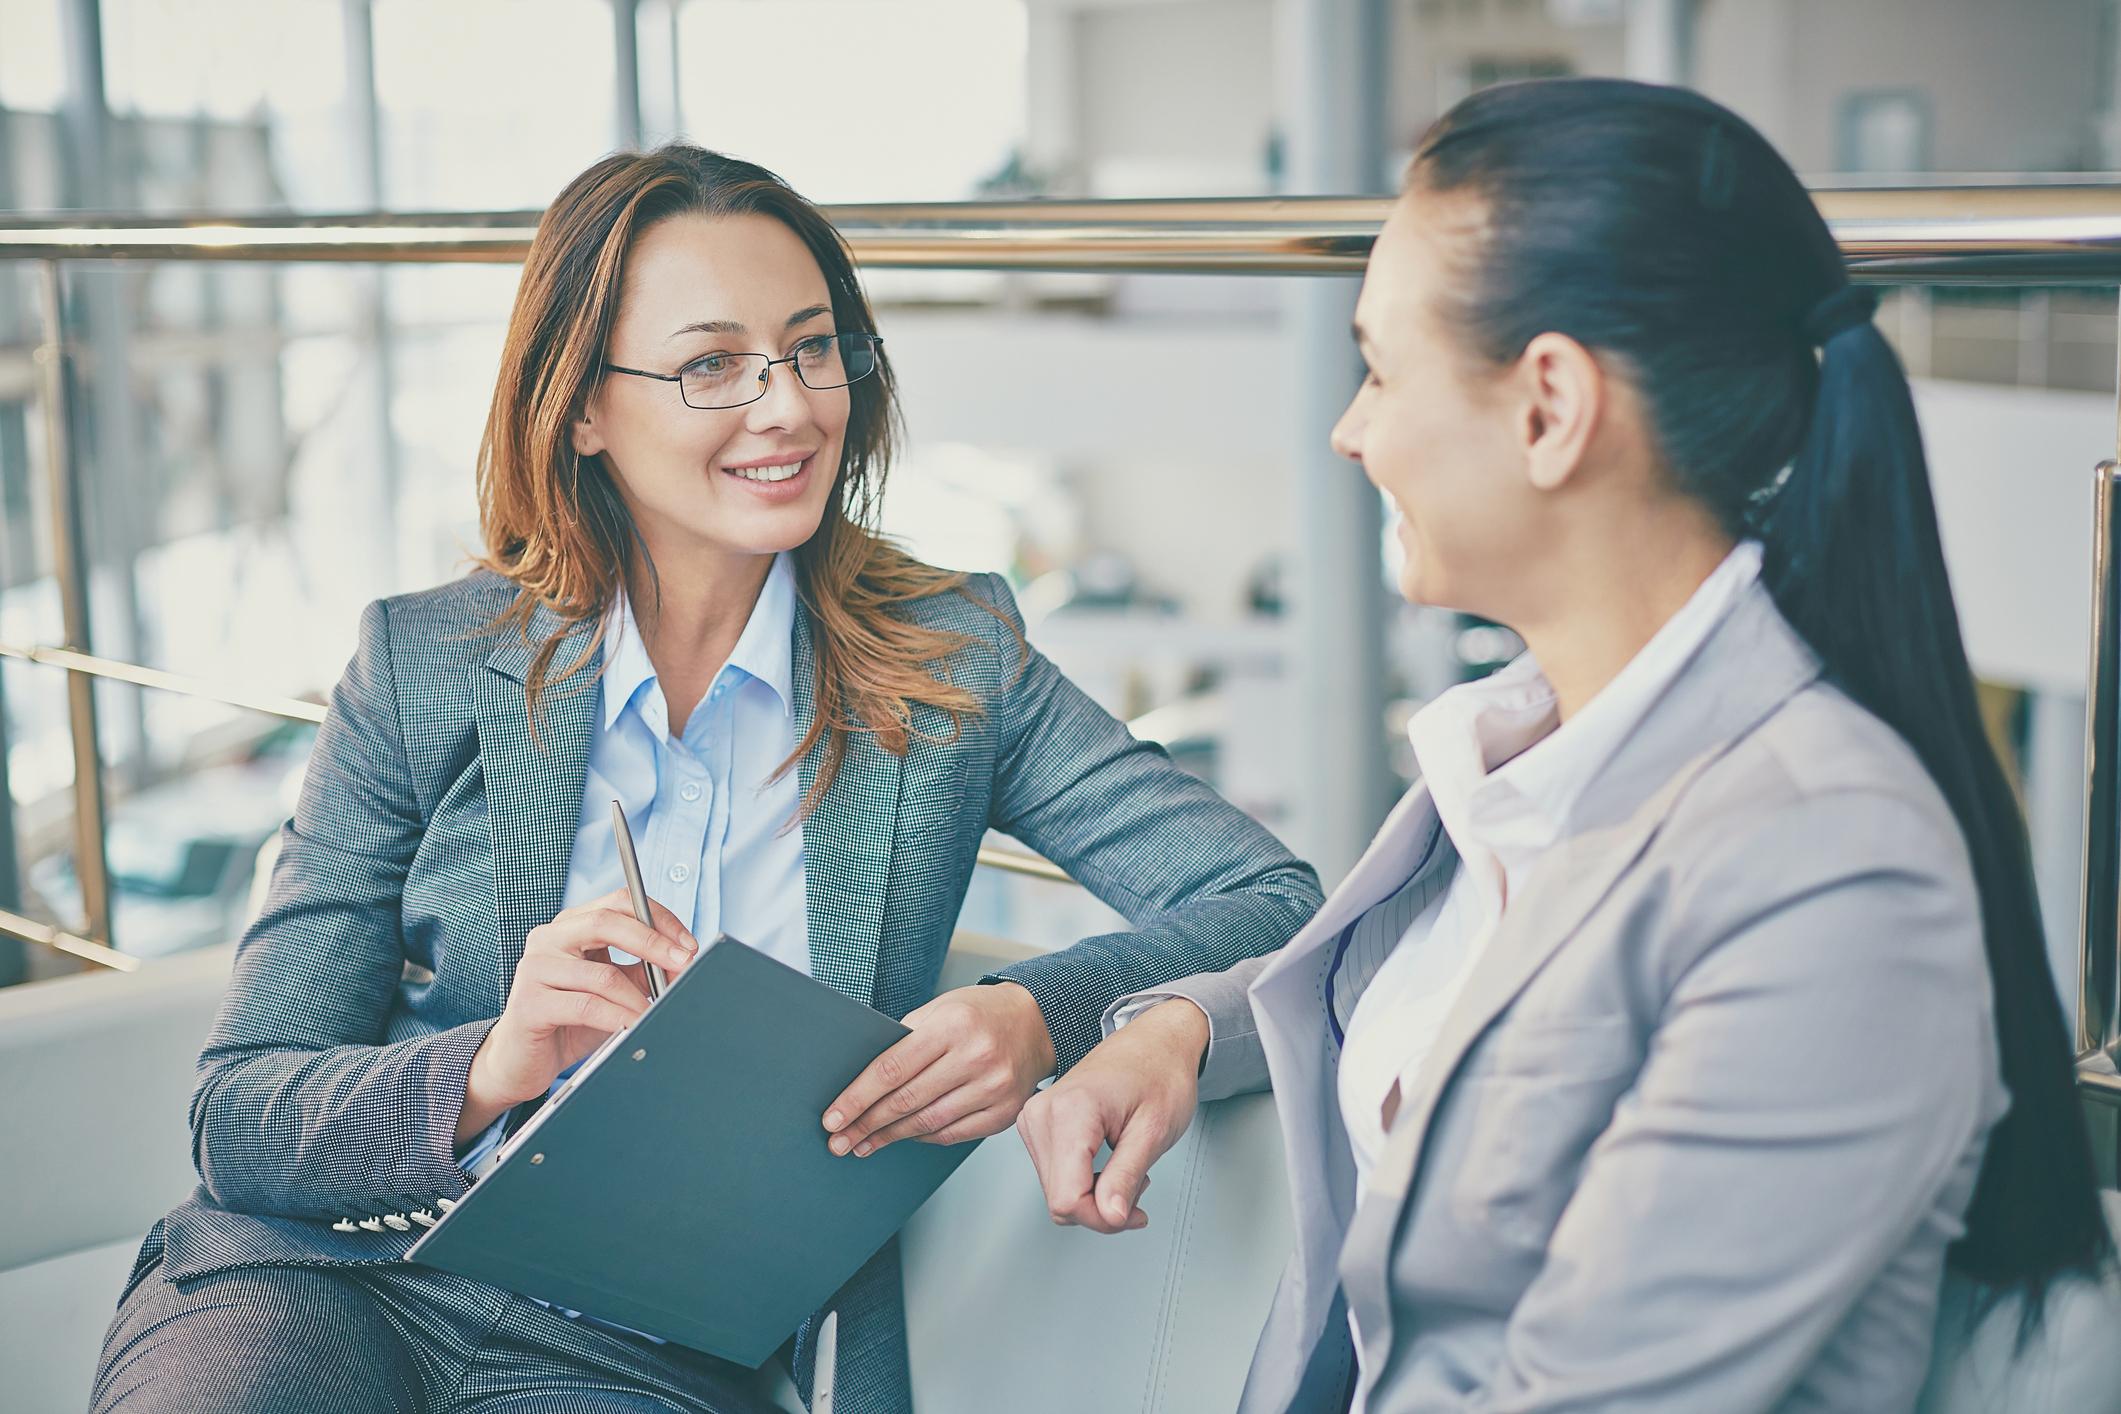 ¿Cómo acordar el sueldo en una entrevista de trabajo?